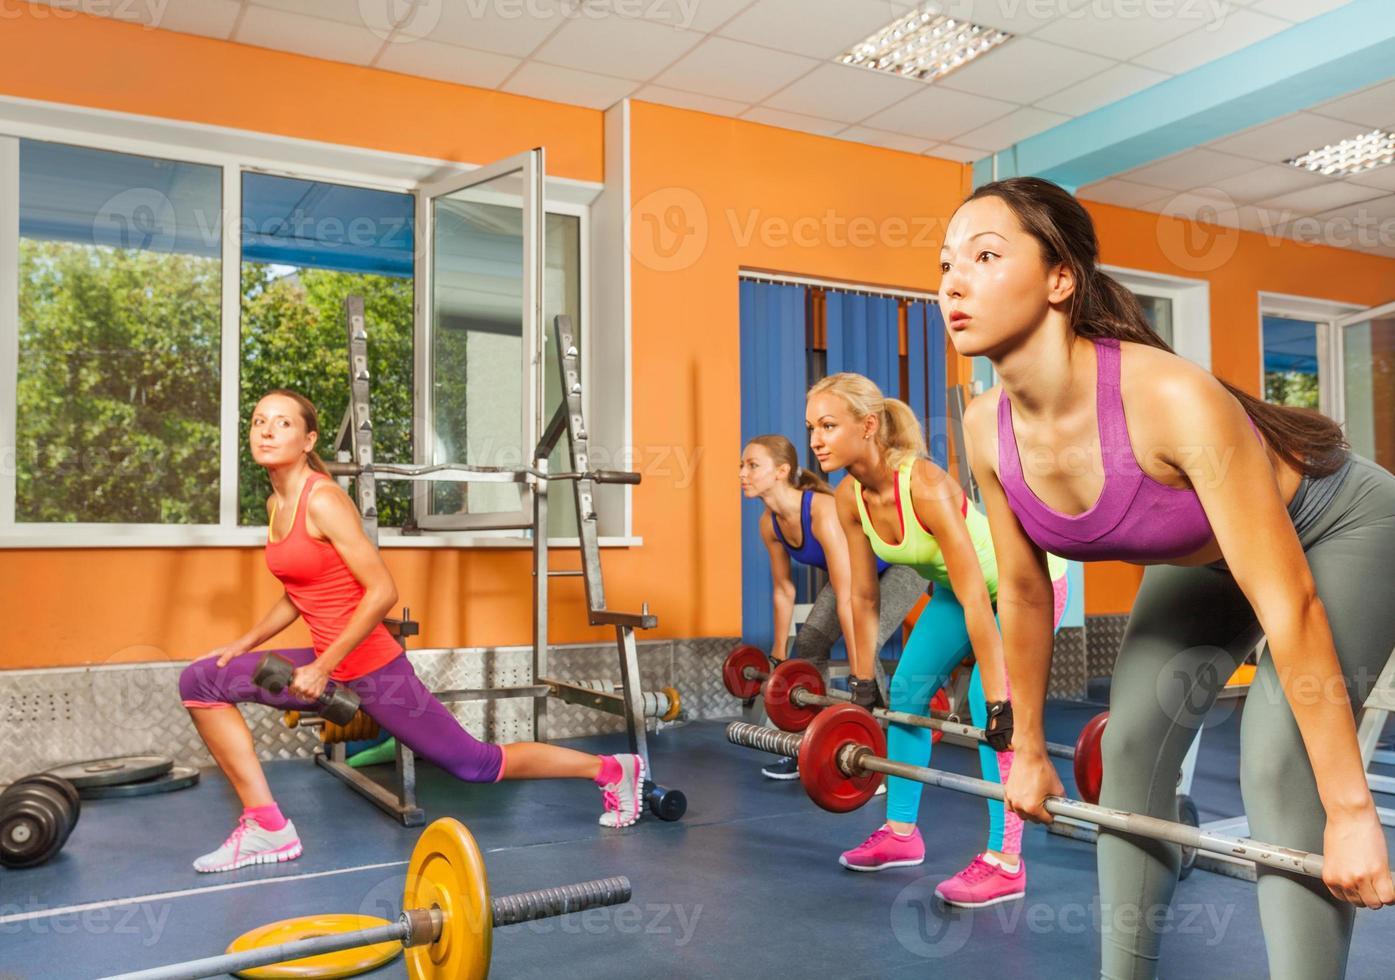 classe de levantamento de peso do grupo no clube de fitness foto